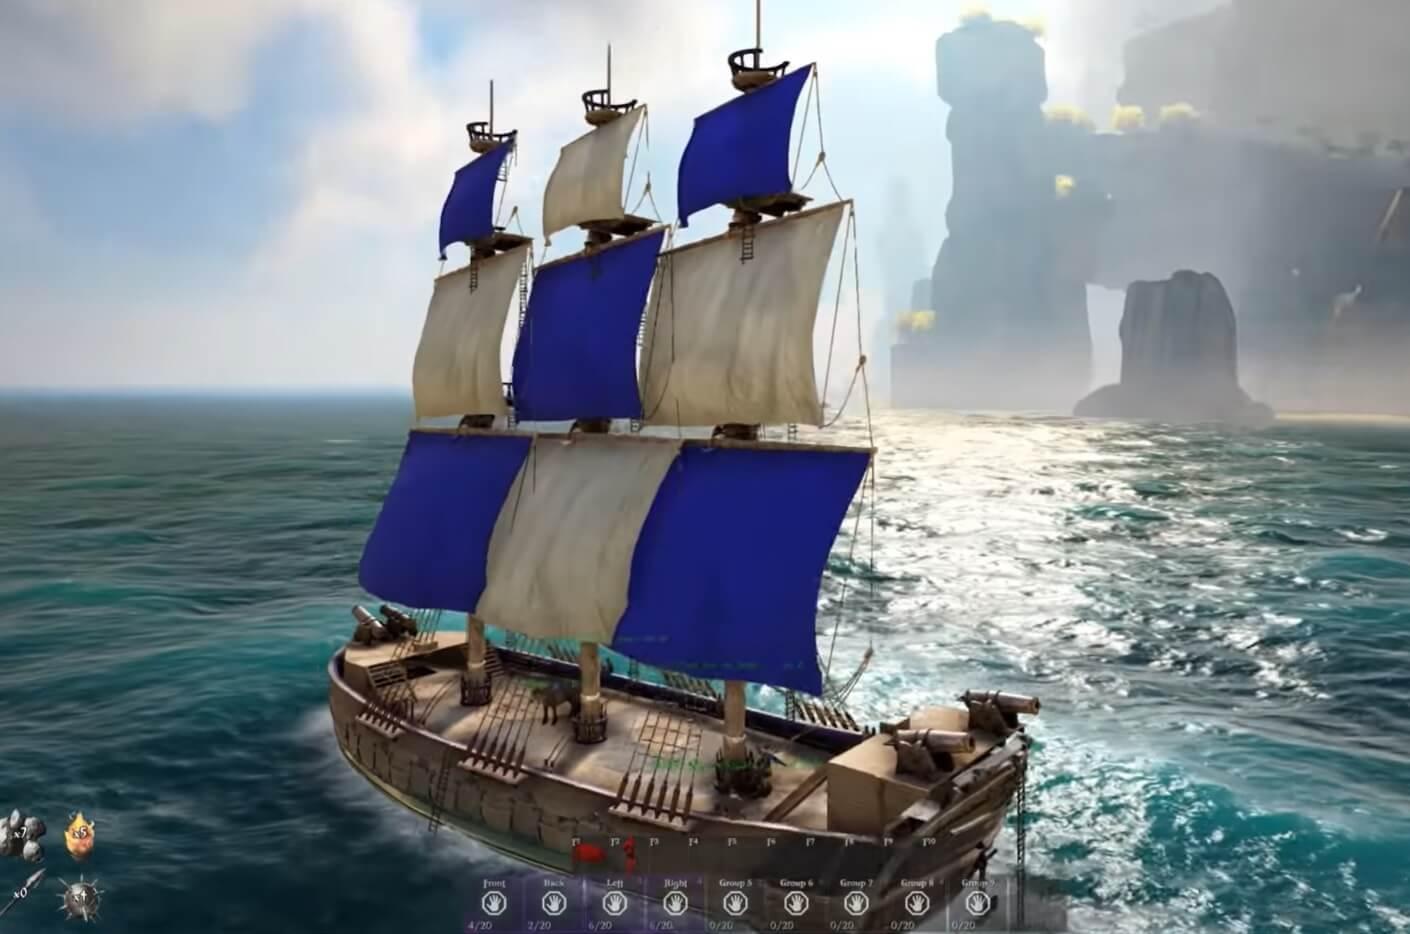 atlas brigantine builds